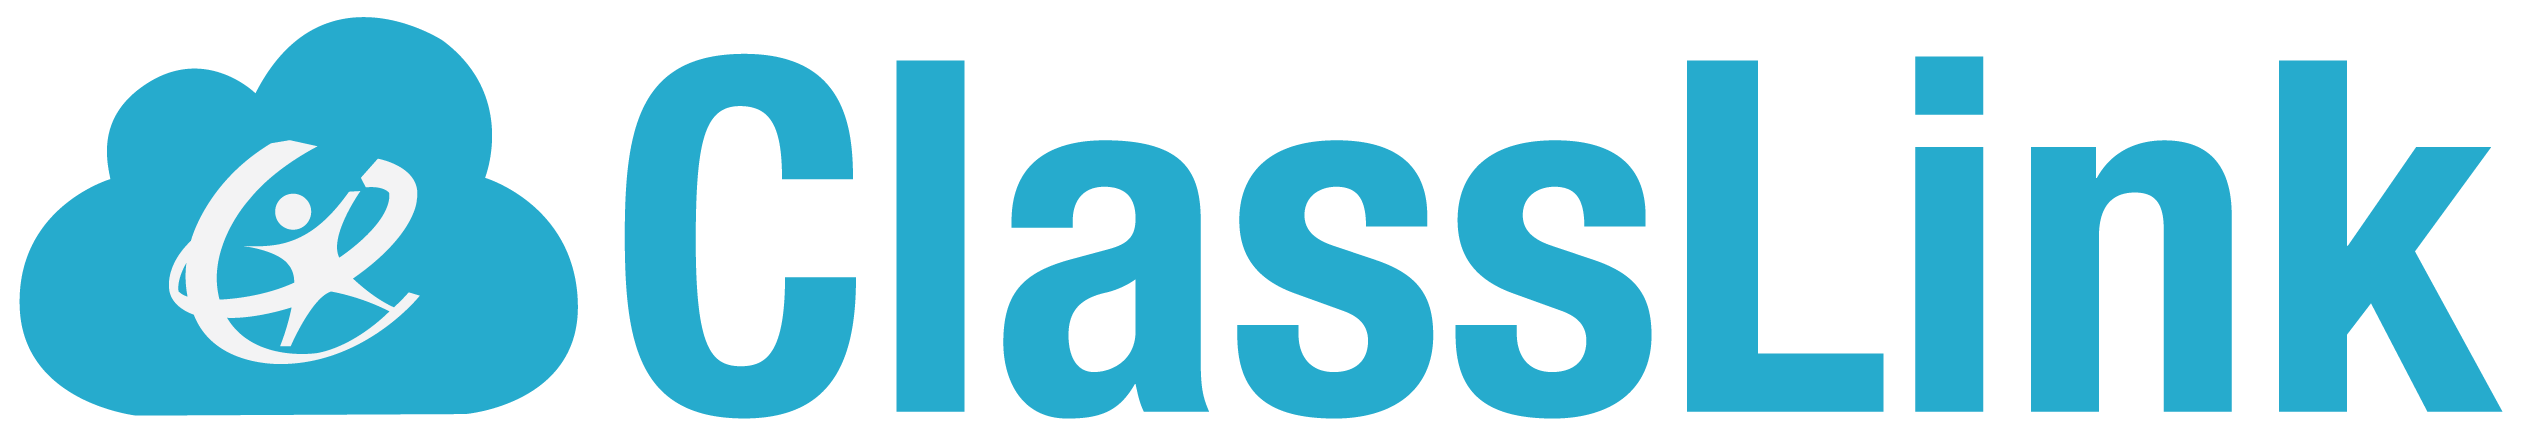 Classlink.com Link